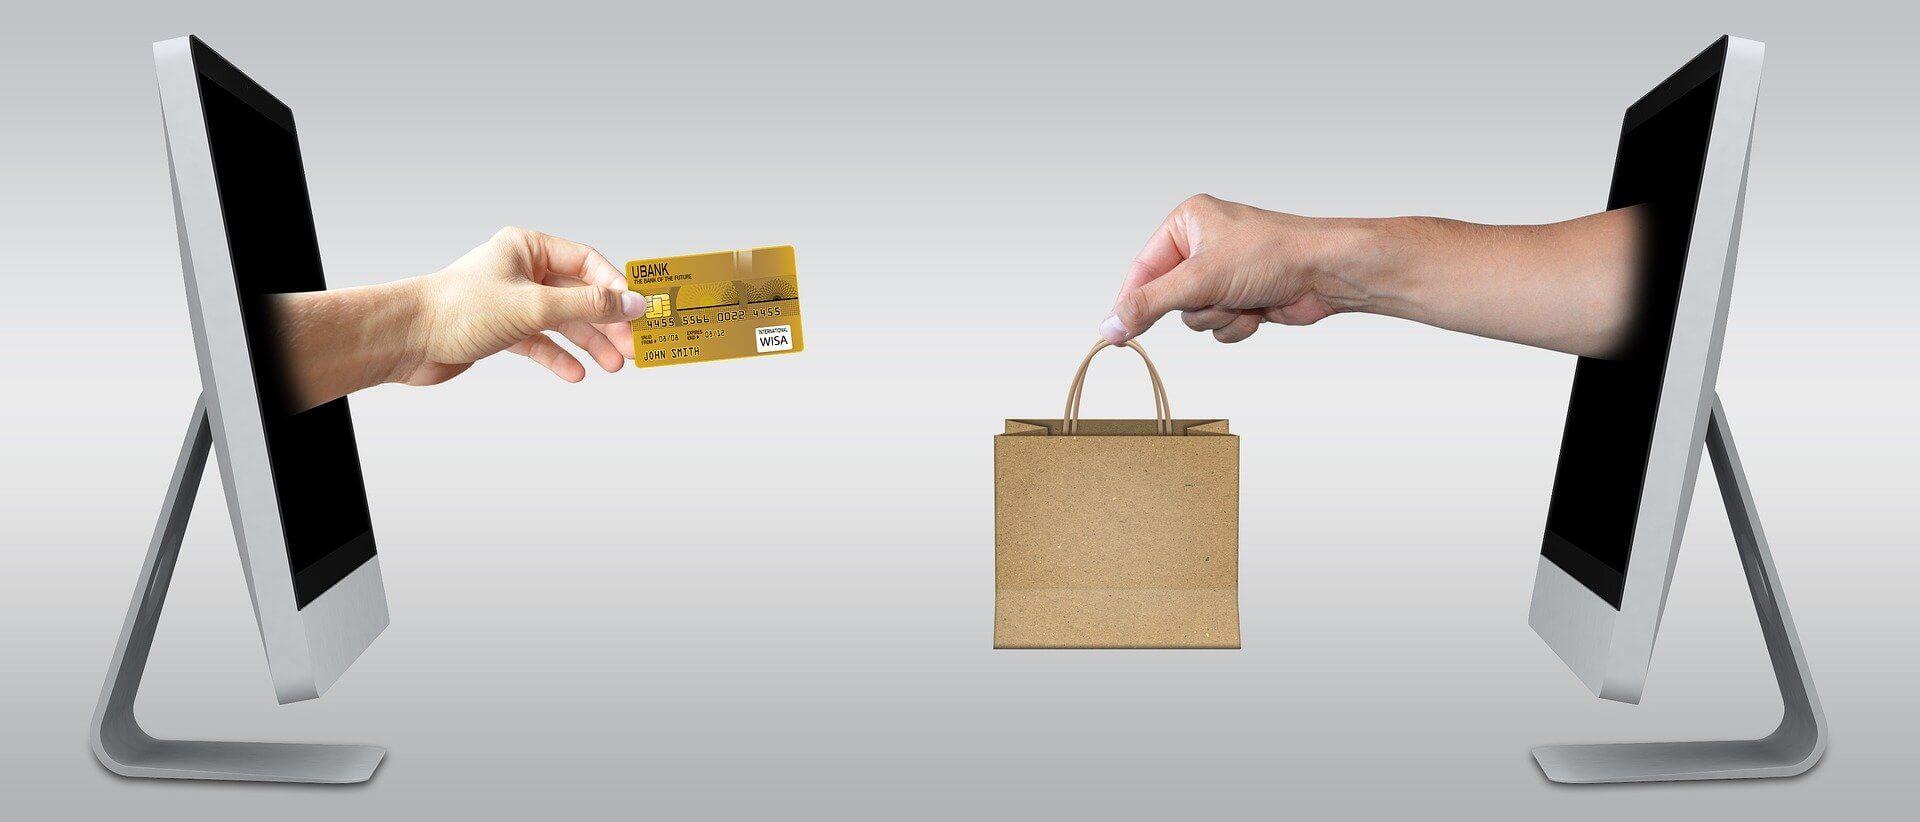 e-commerce-lockdown